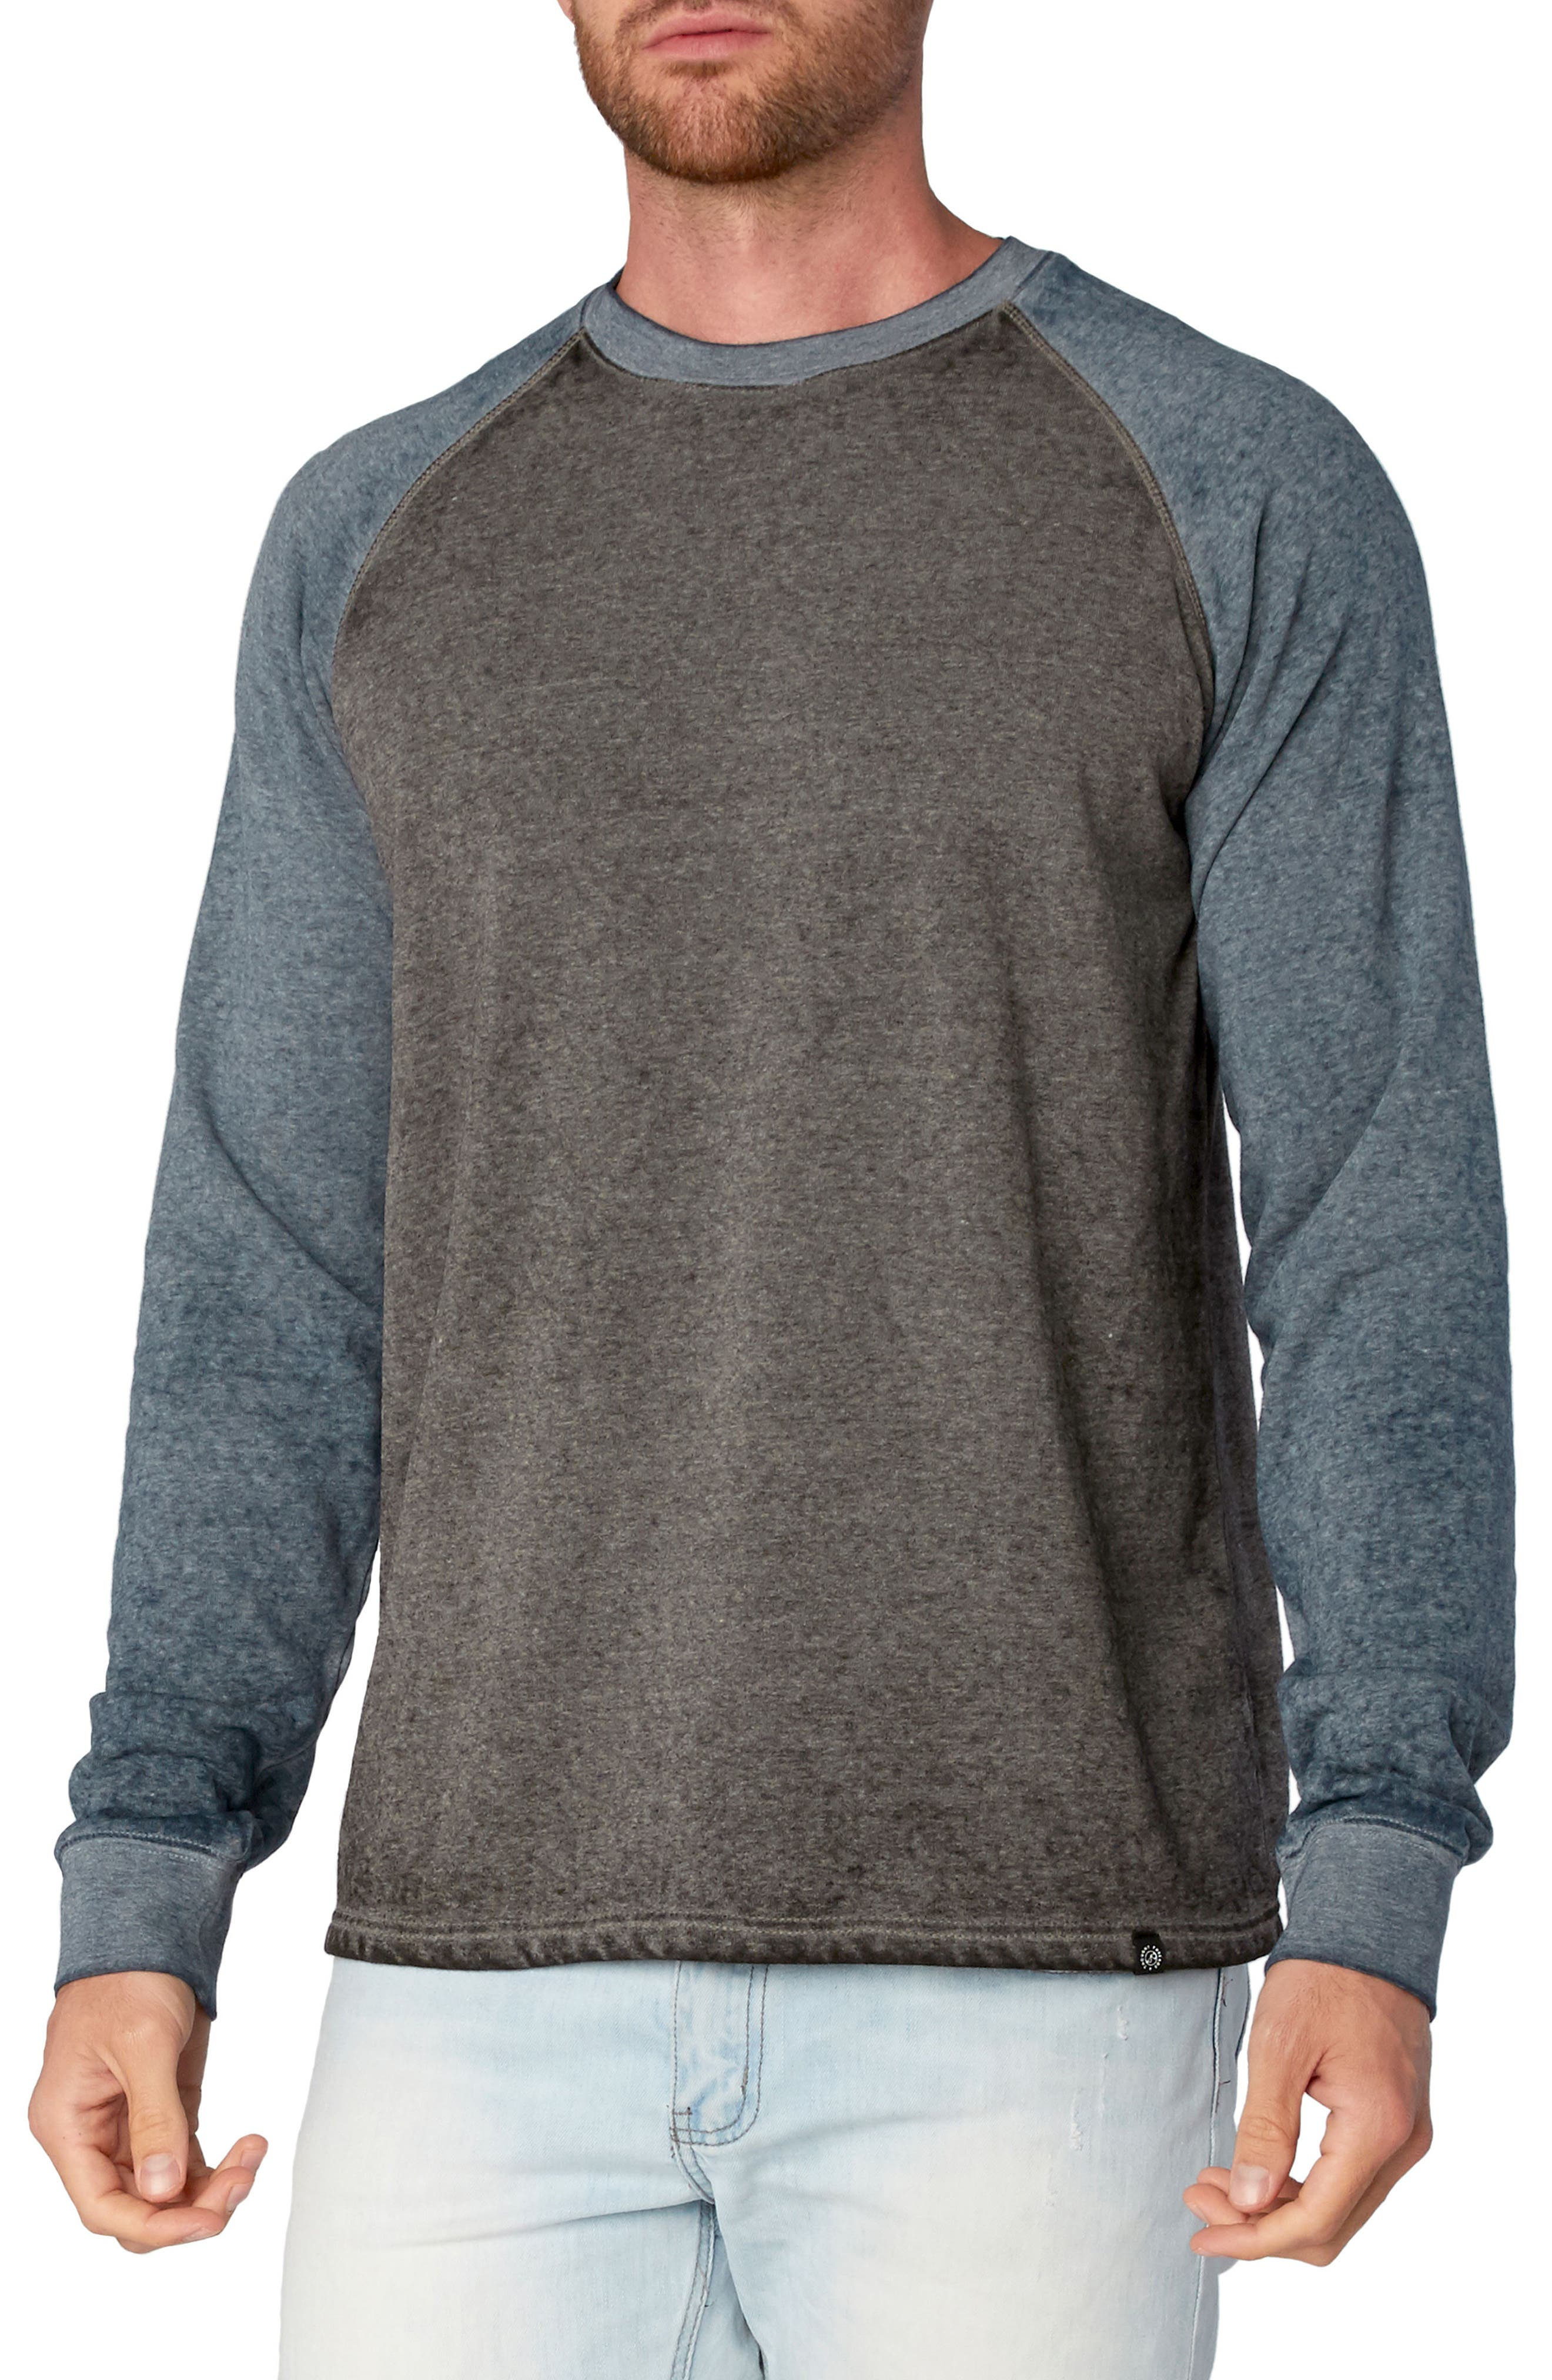 Washed Raglan Sleeve Sweatshirt,                         Main,                         color, Black/ Raw Denim